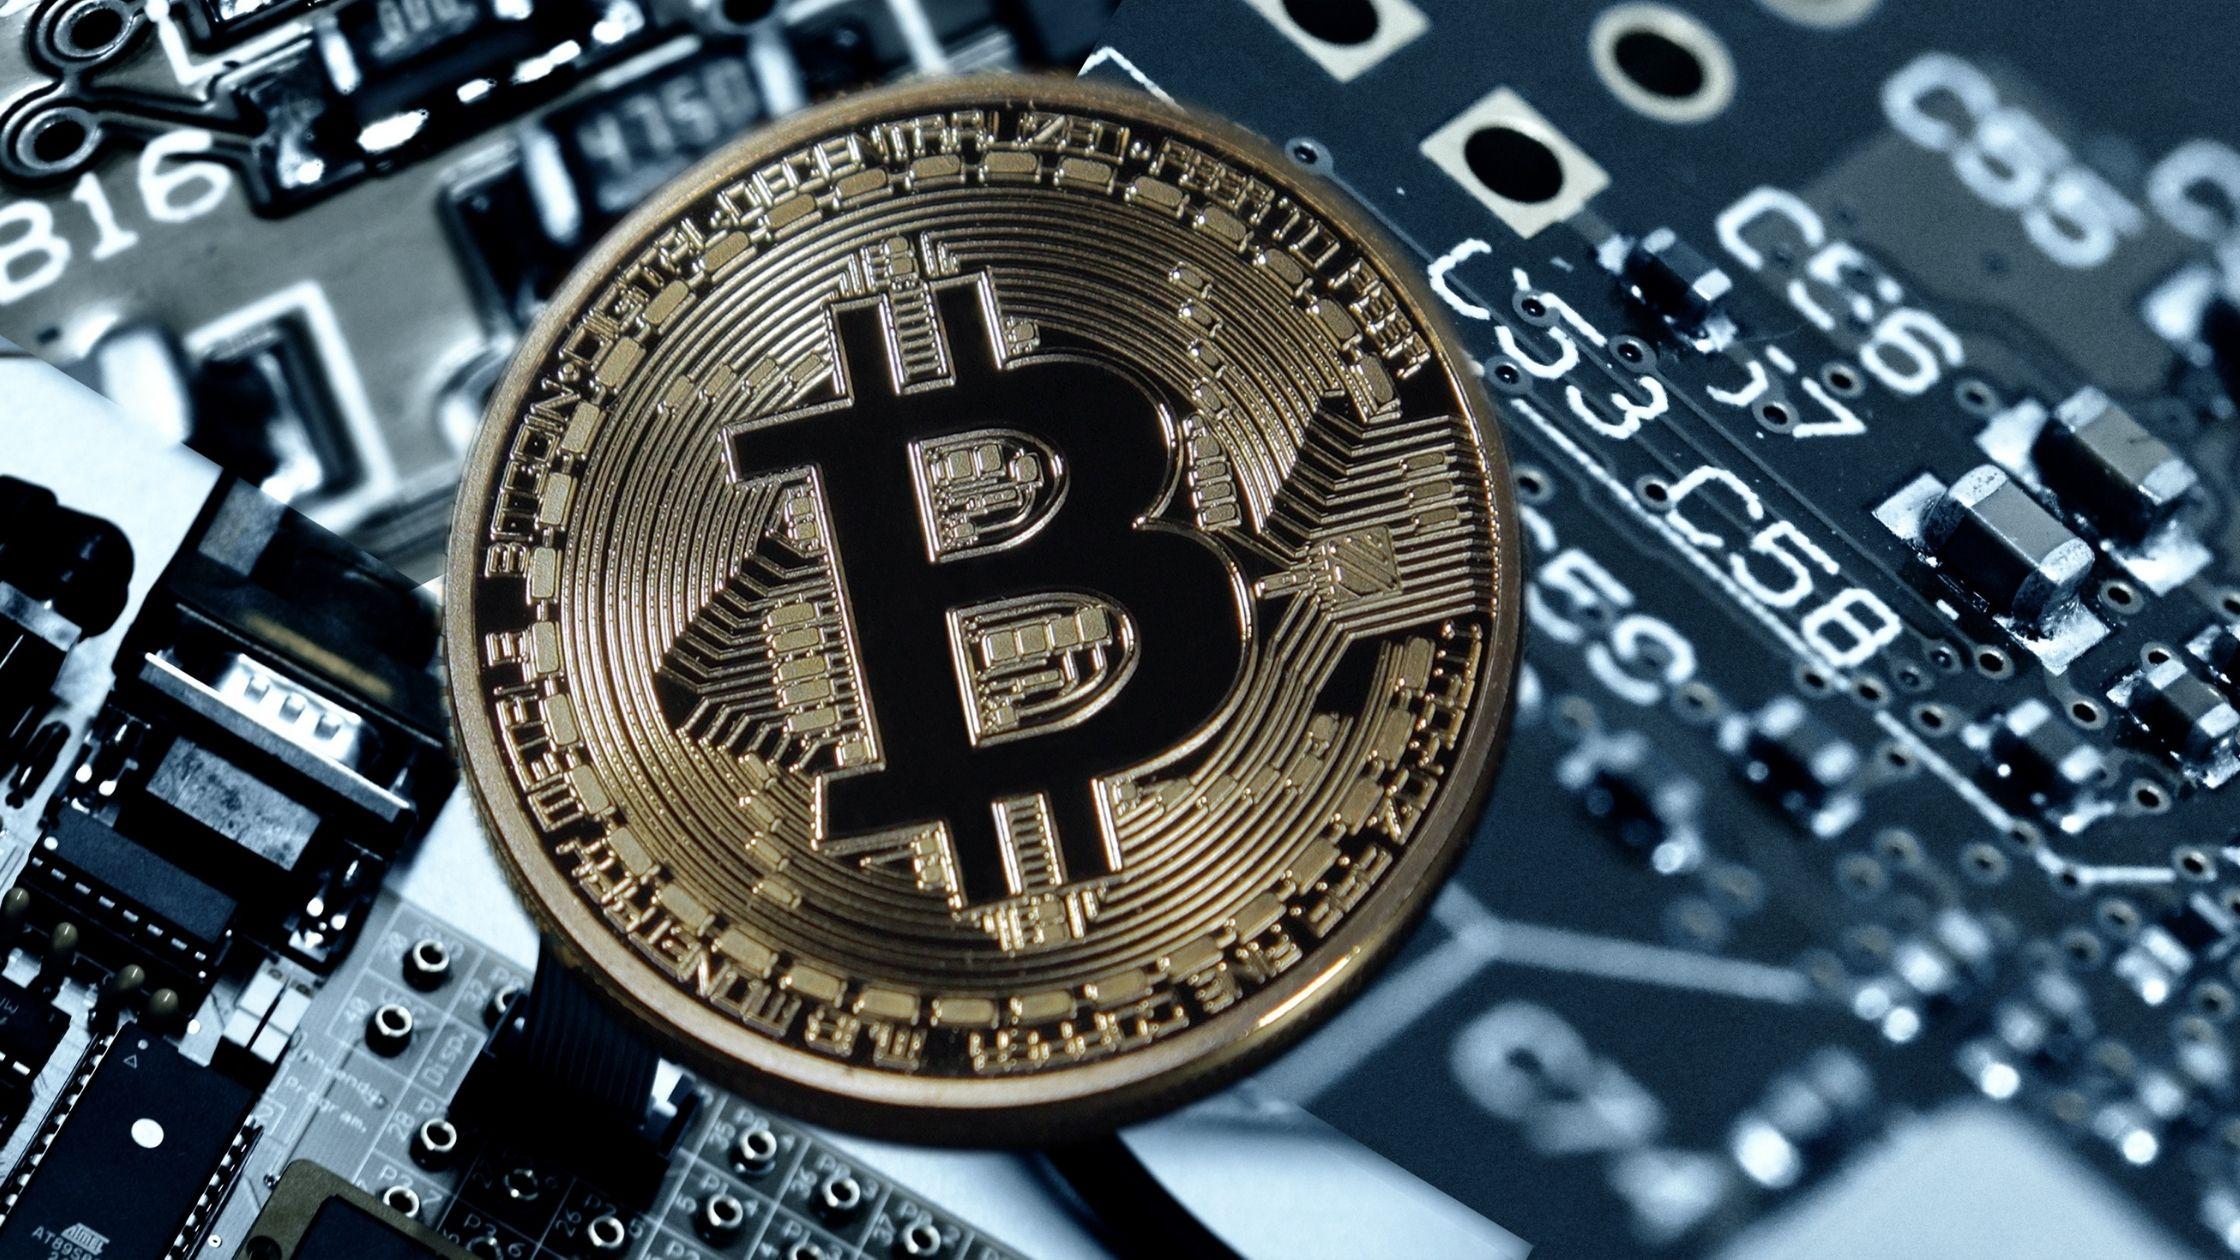 dove acquistare la fiducia degli investimenti in bitcoin società di intermediazione valutaria